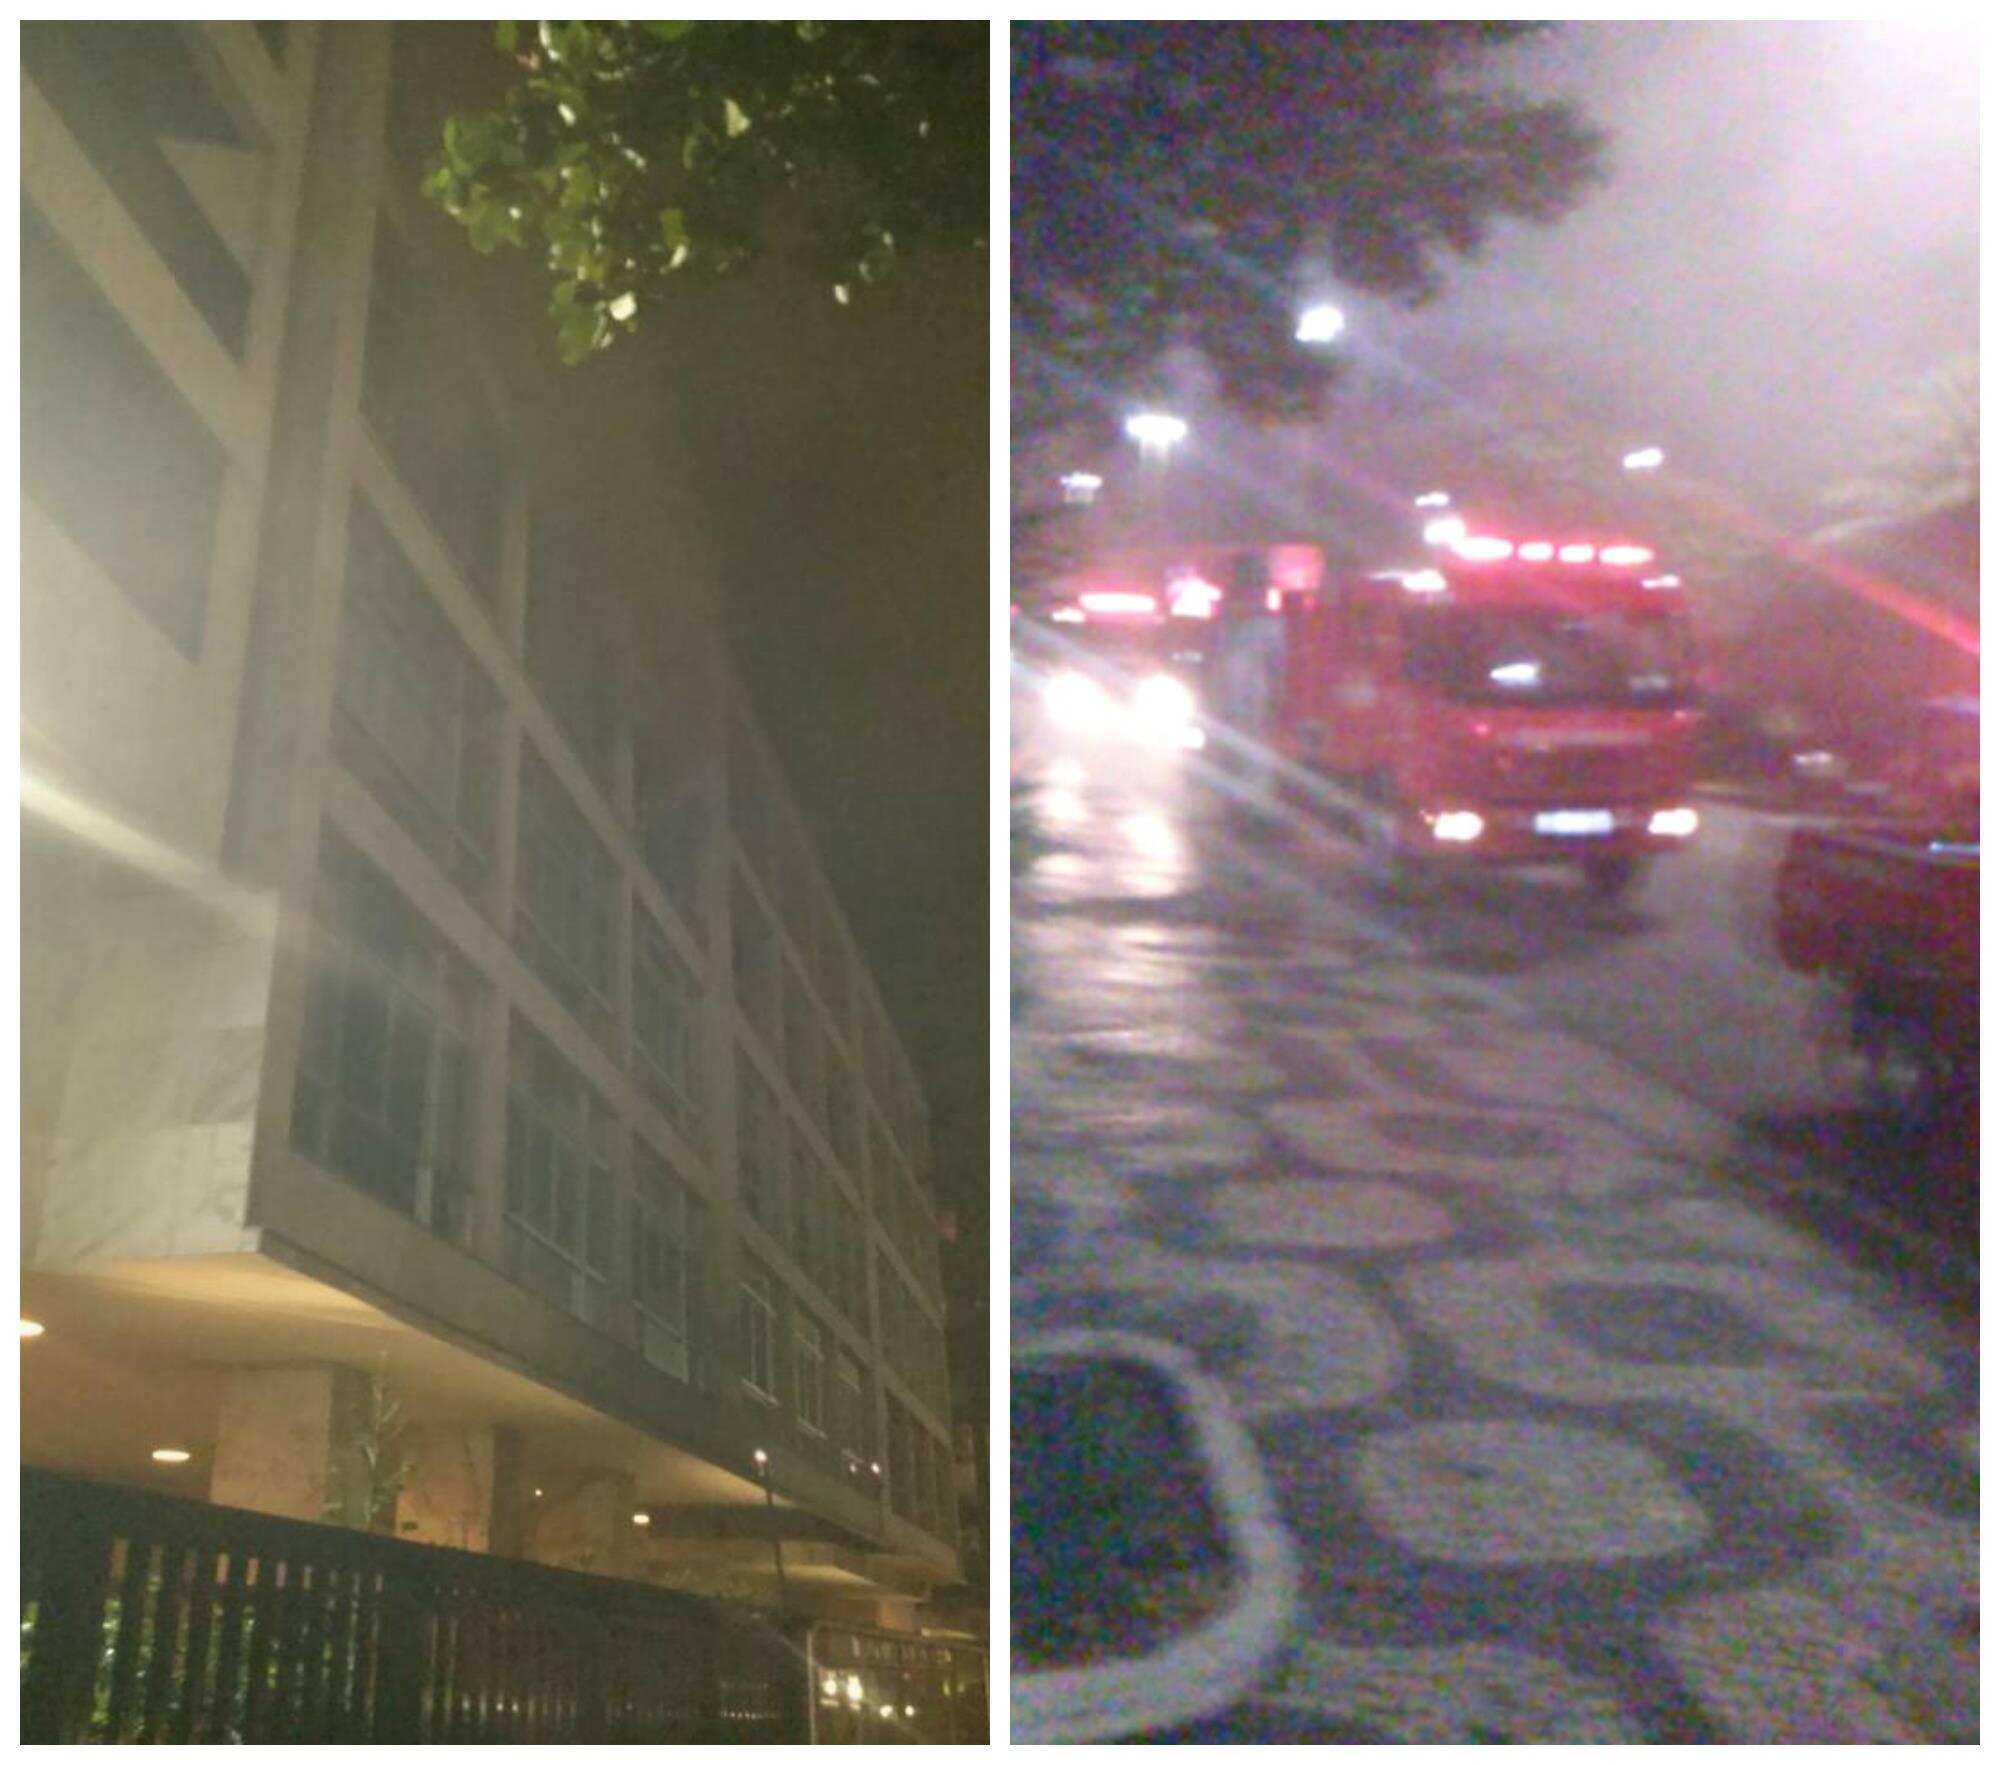 Fumaça saindo do prédio , e, ao lado, os carros dos bombeiros chegando ao local para o socorro